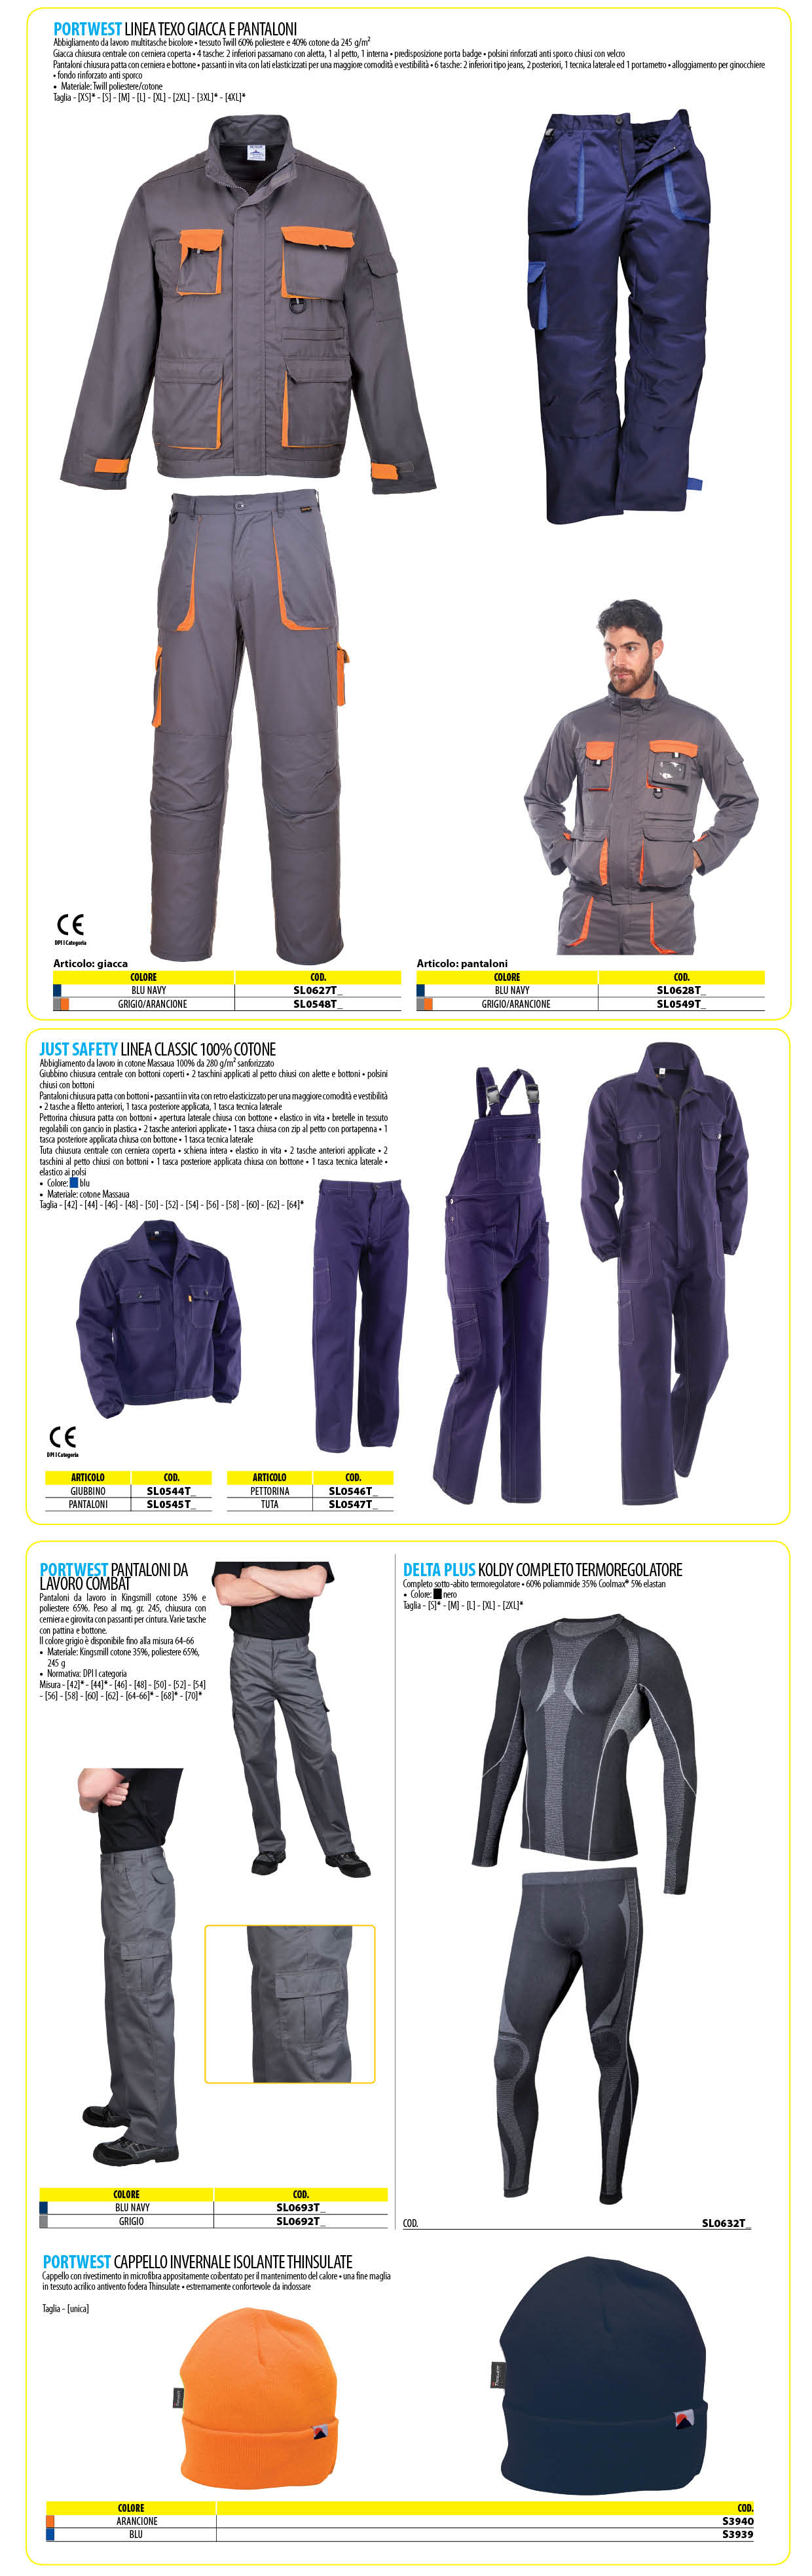 abbigliamento invernale eora3